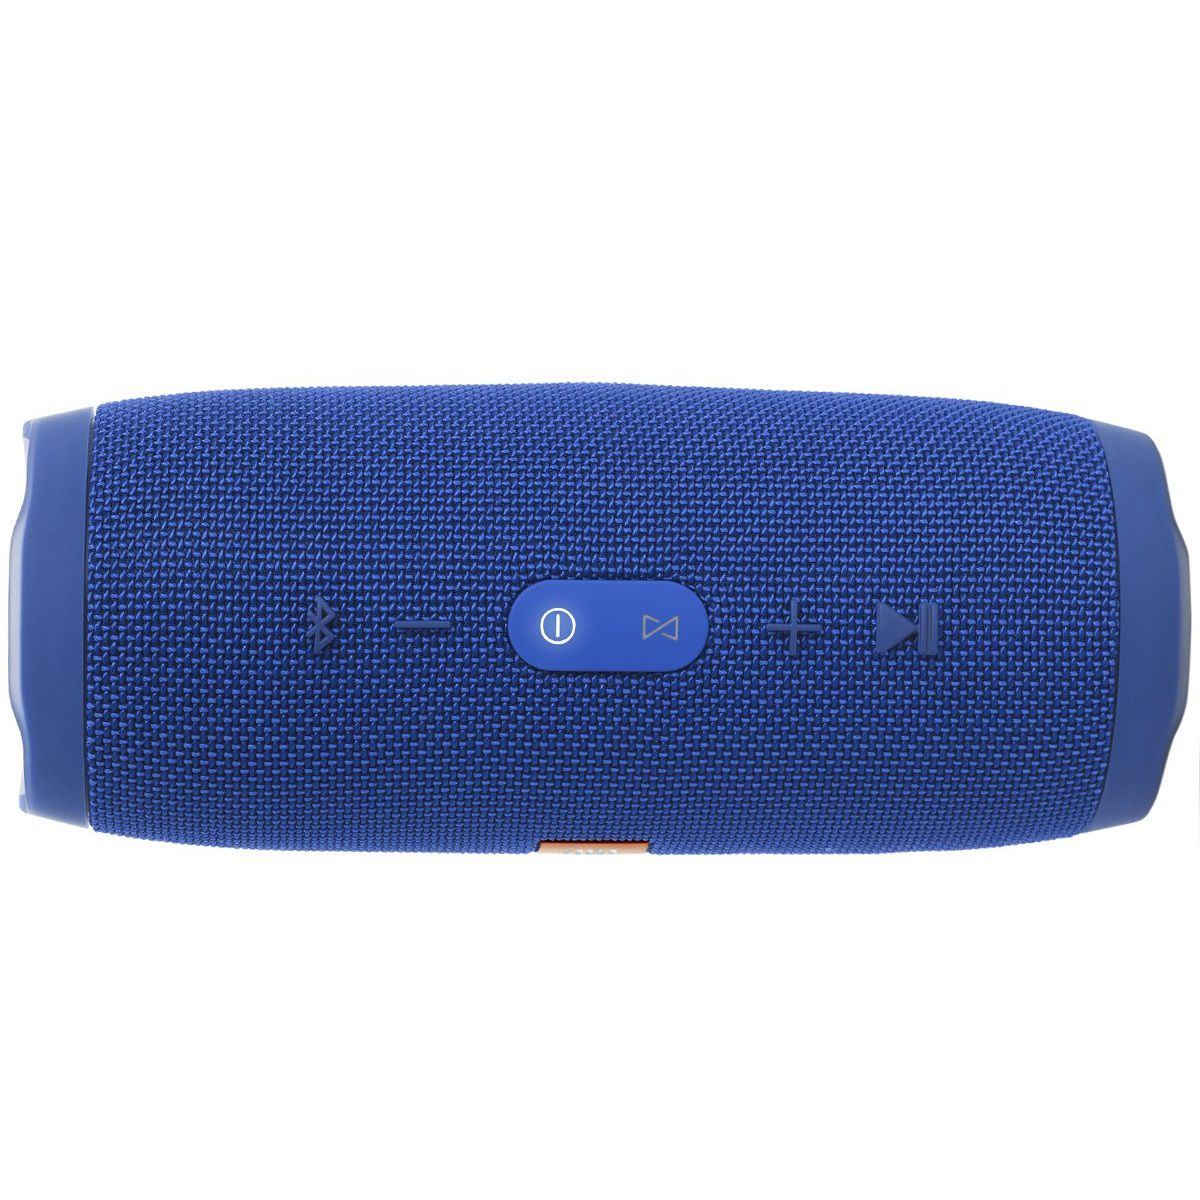 Caixa De Som Jbl Charge 3 Blue Portatil Bluetooth